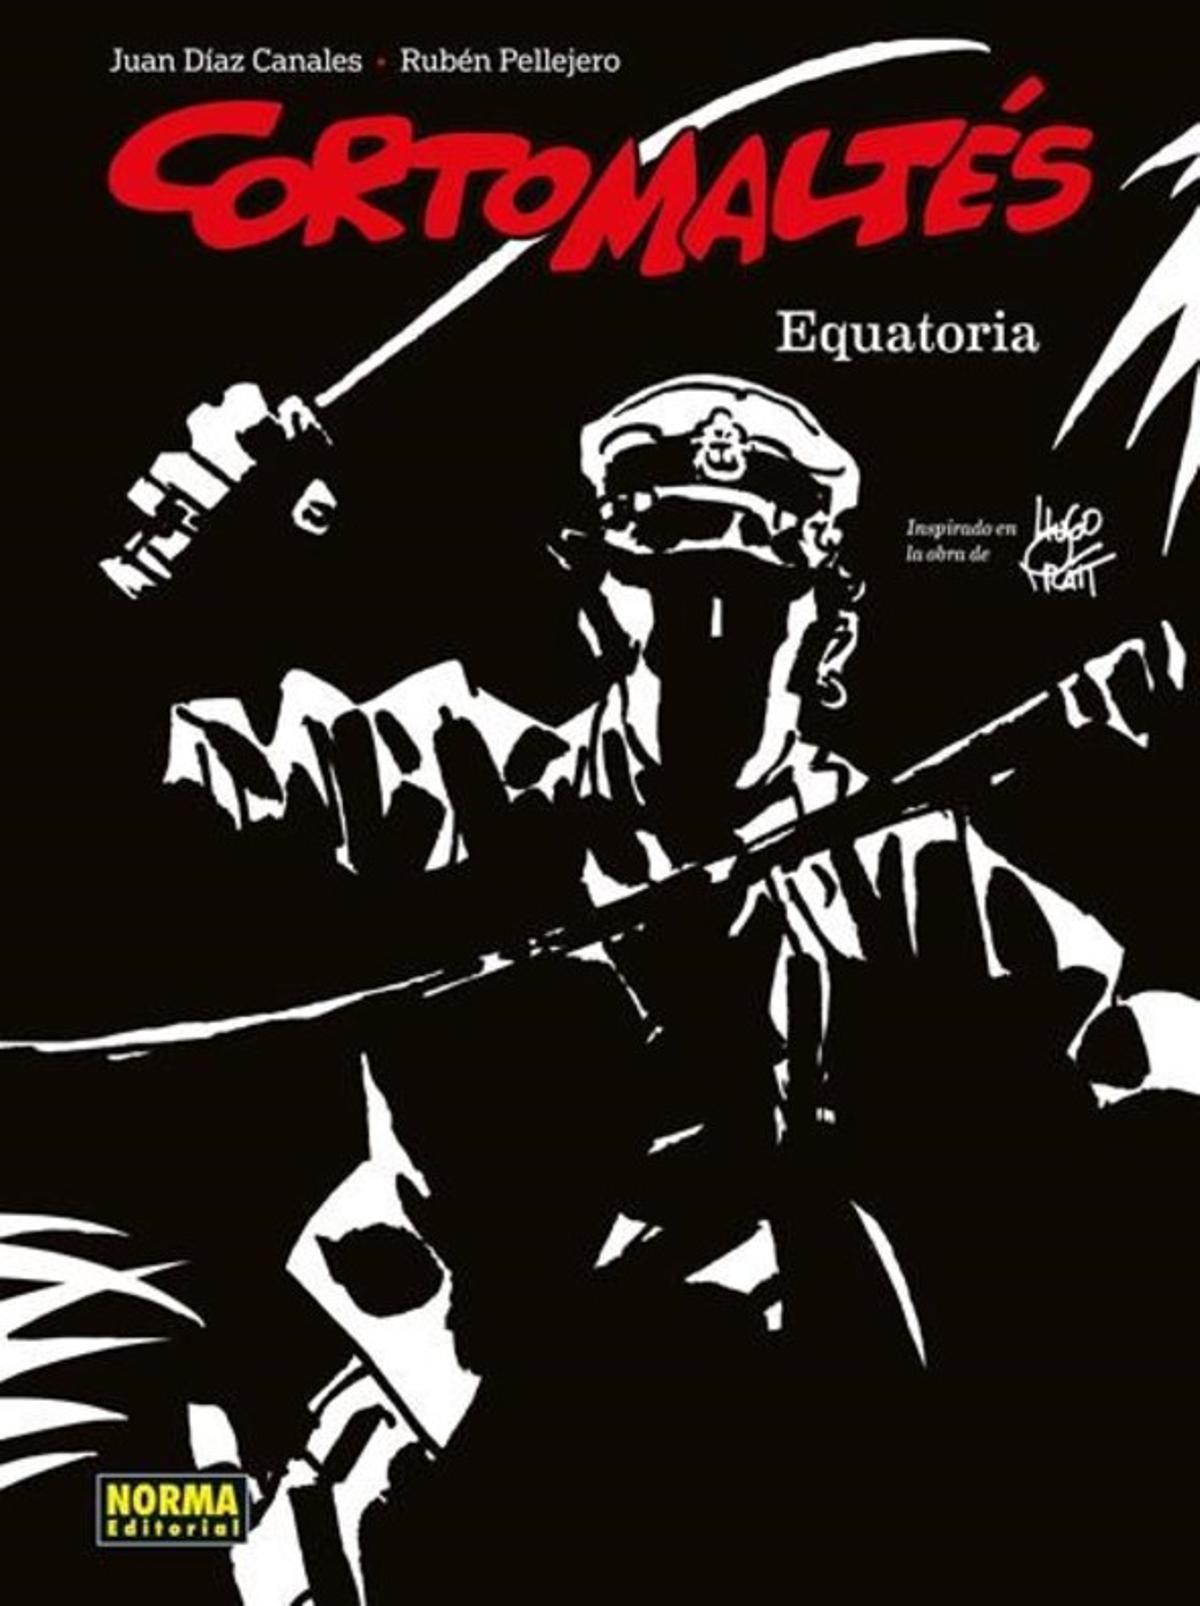 Corto Maltés viaja a la Equatoria esclavista